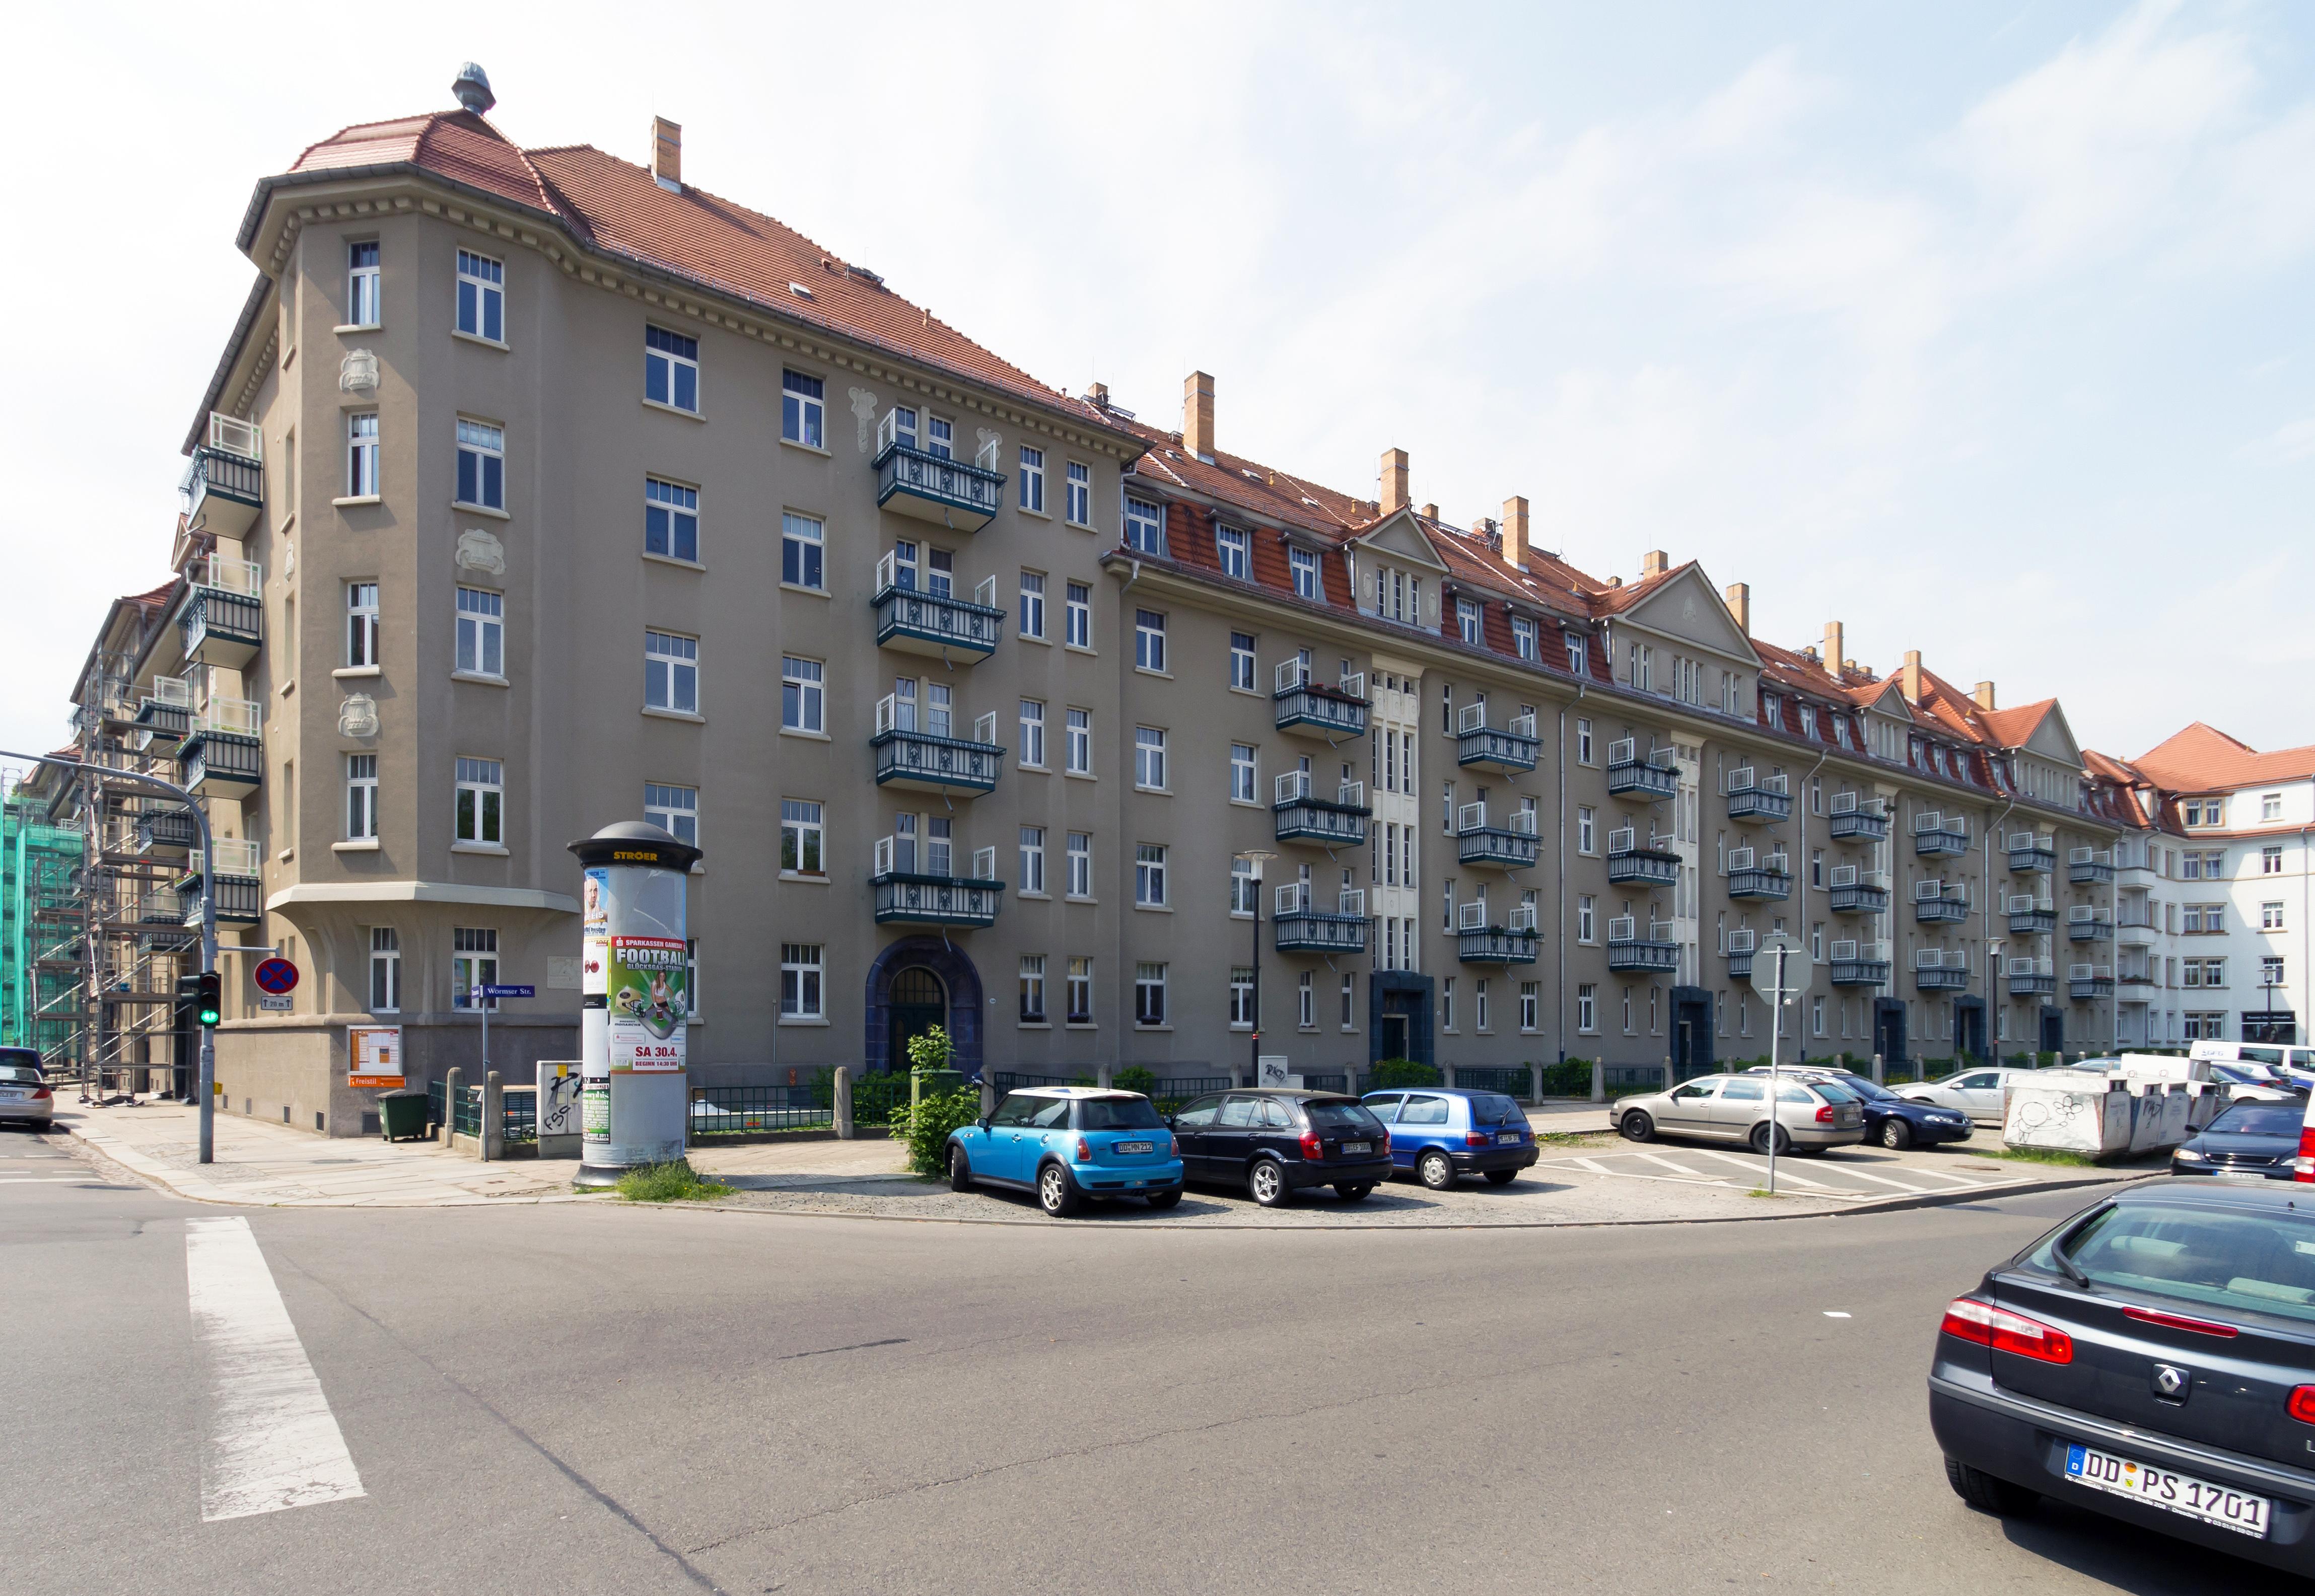 Datei:Rudolf-Schilling-Häuser Wormser Straße Dresden 2011.jpg ...